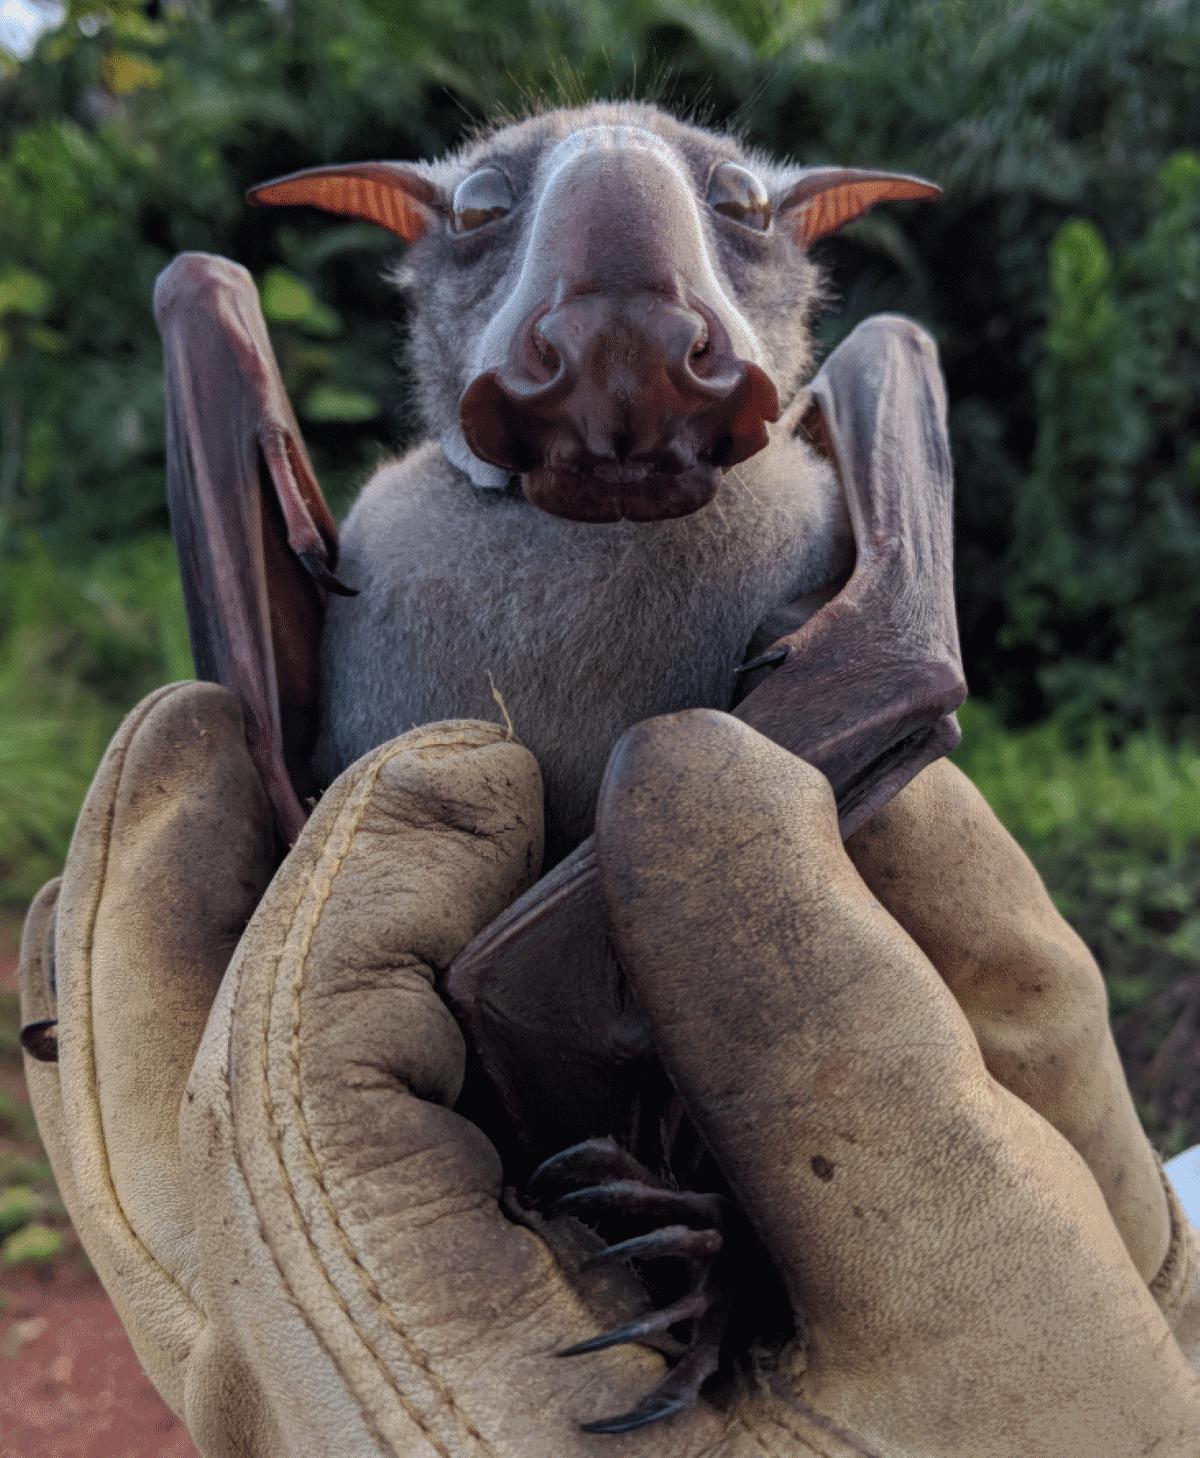 El murciélago cabeza de martillo se alimenta principalmente de frutas e higos